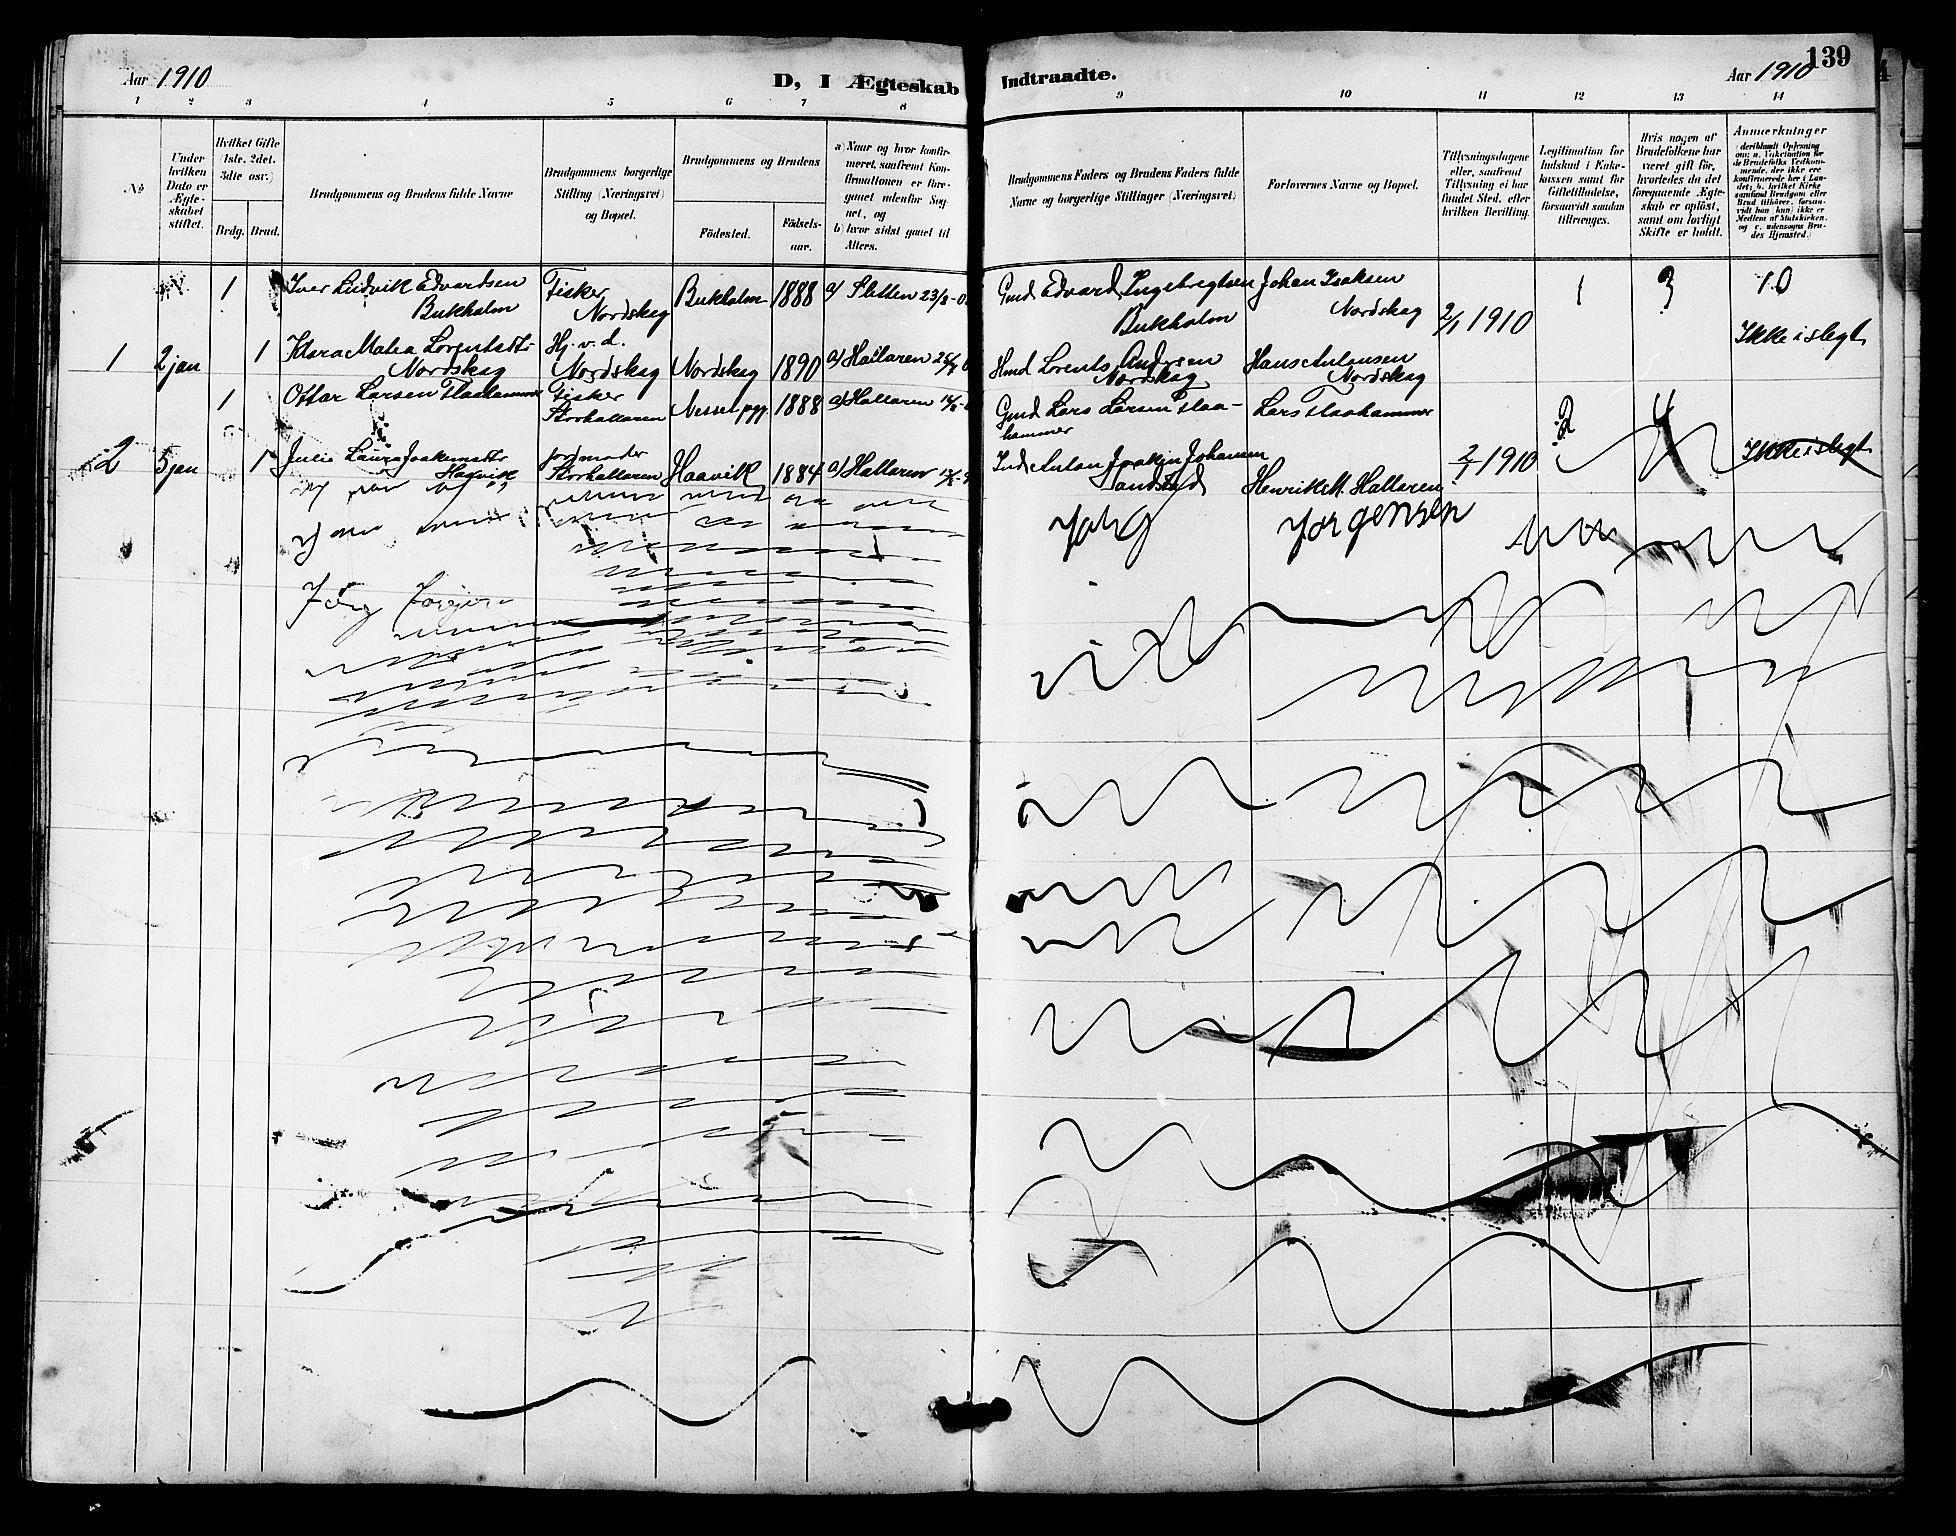 SAT, Ministerialprotokoller, klokkerbøker og fødselsregistre - Sør-Trøndelag, 641/L0598: Klokkerbok nr. 641C02, 1893-1910, s. 139